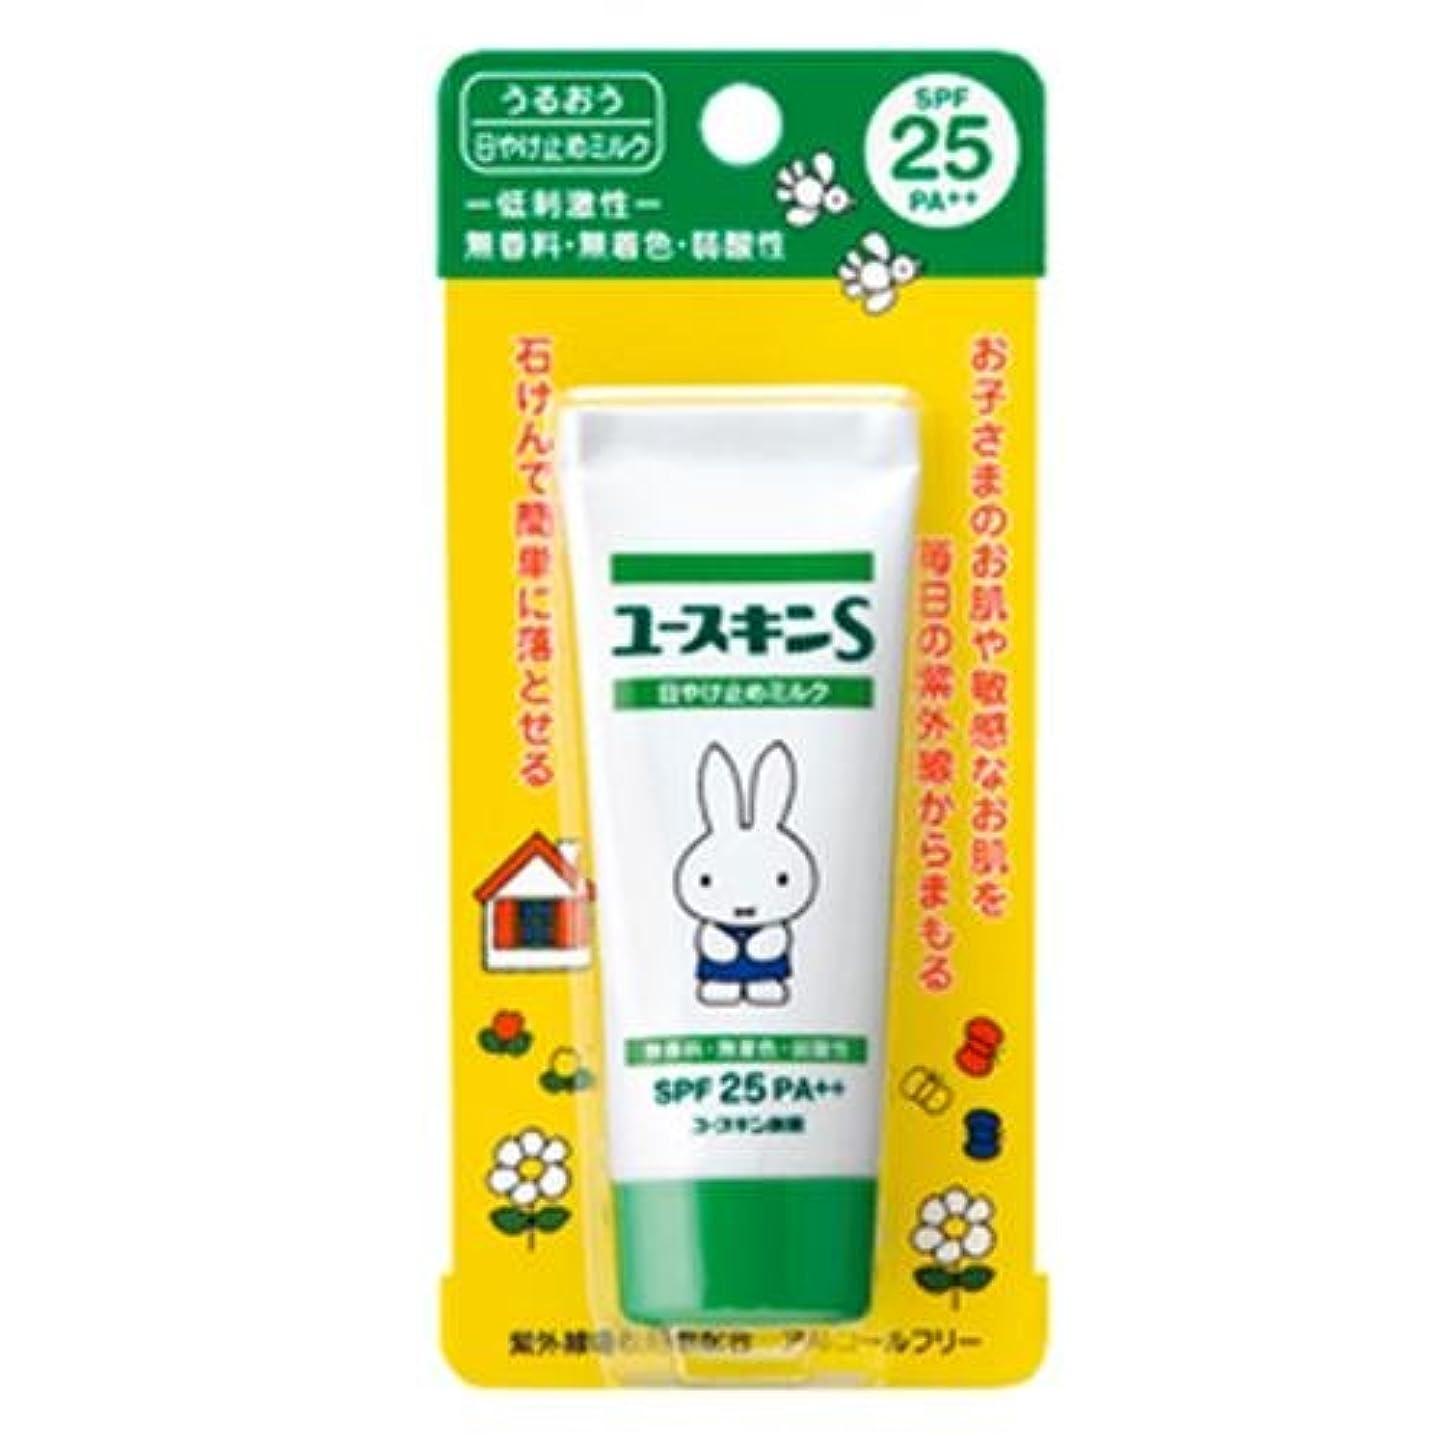 シガレット泥棒まとめるユースキンS UVミルク SPF25 PA++ 40g (敏感肌用 日焼け止め)